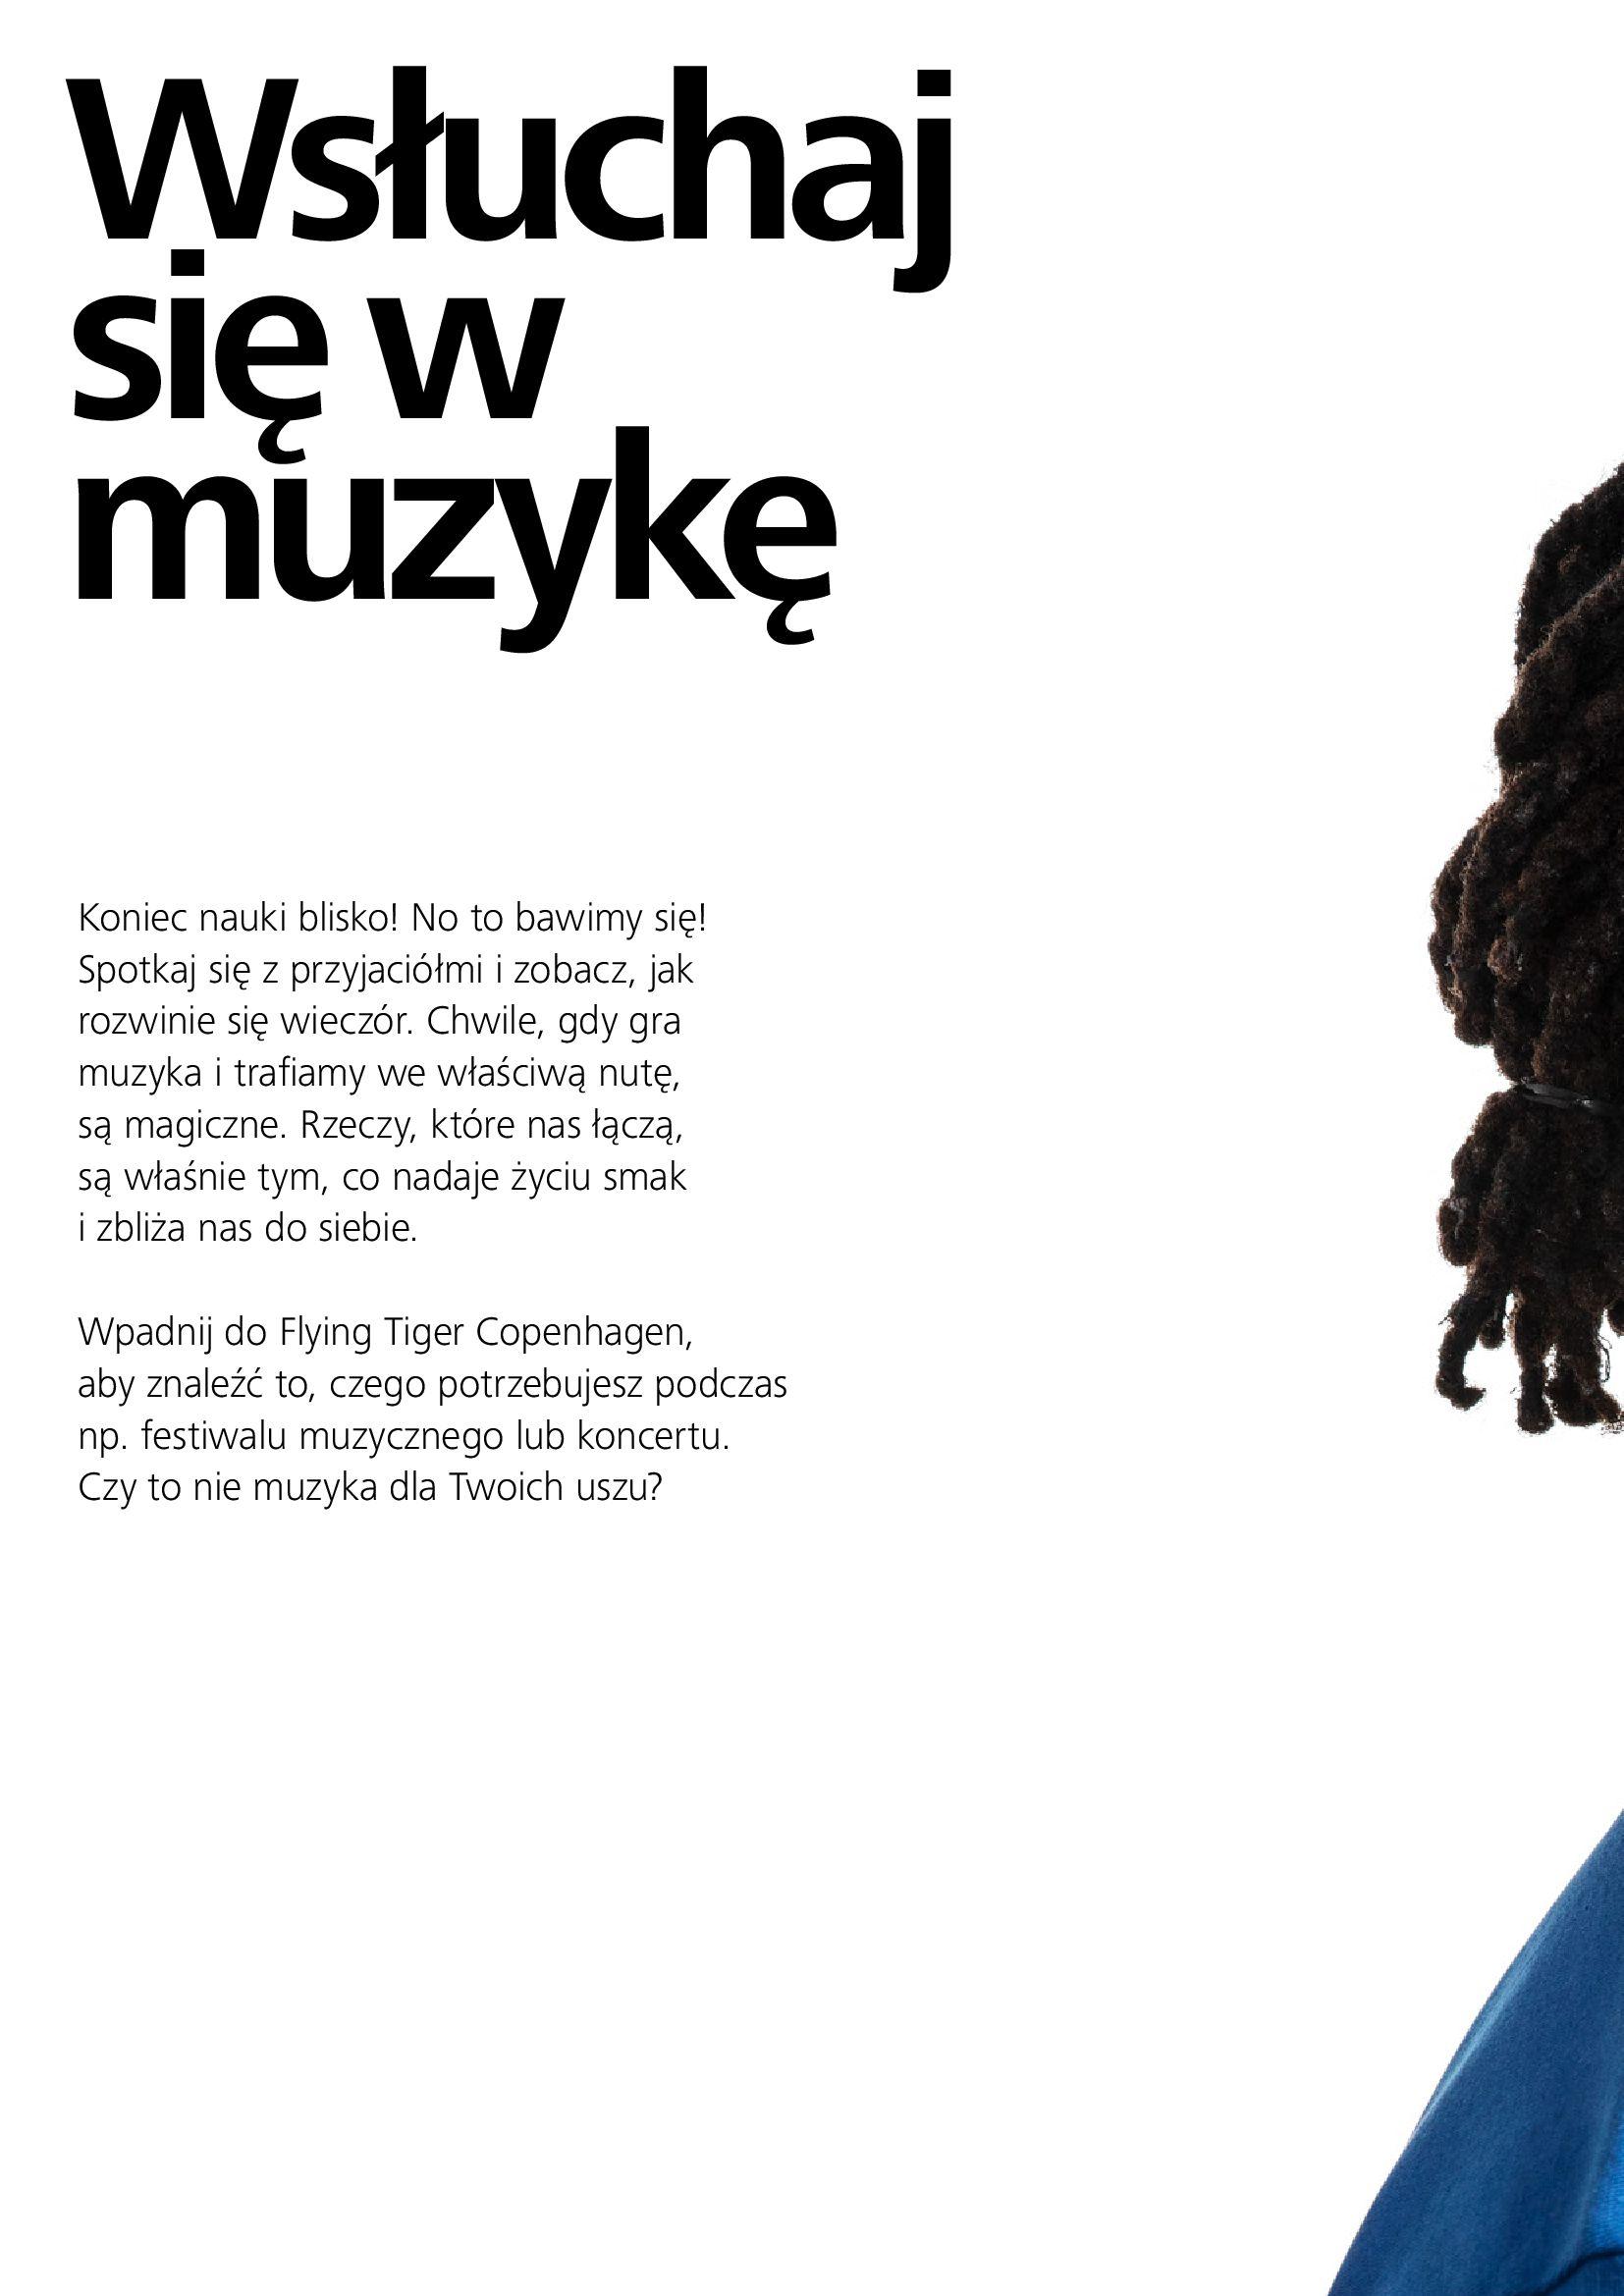 Gazetka Flying tiger - Wydanie majowe-07.05.2019-31.05.2019-page-